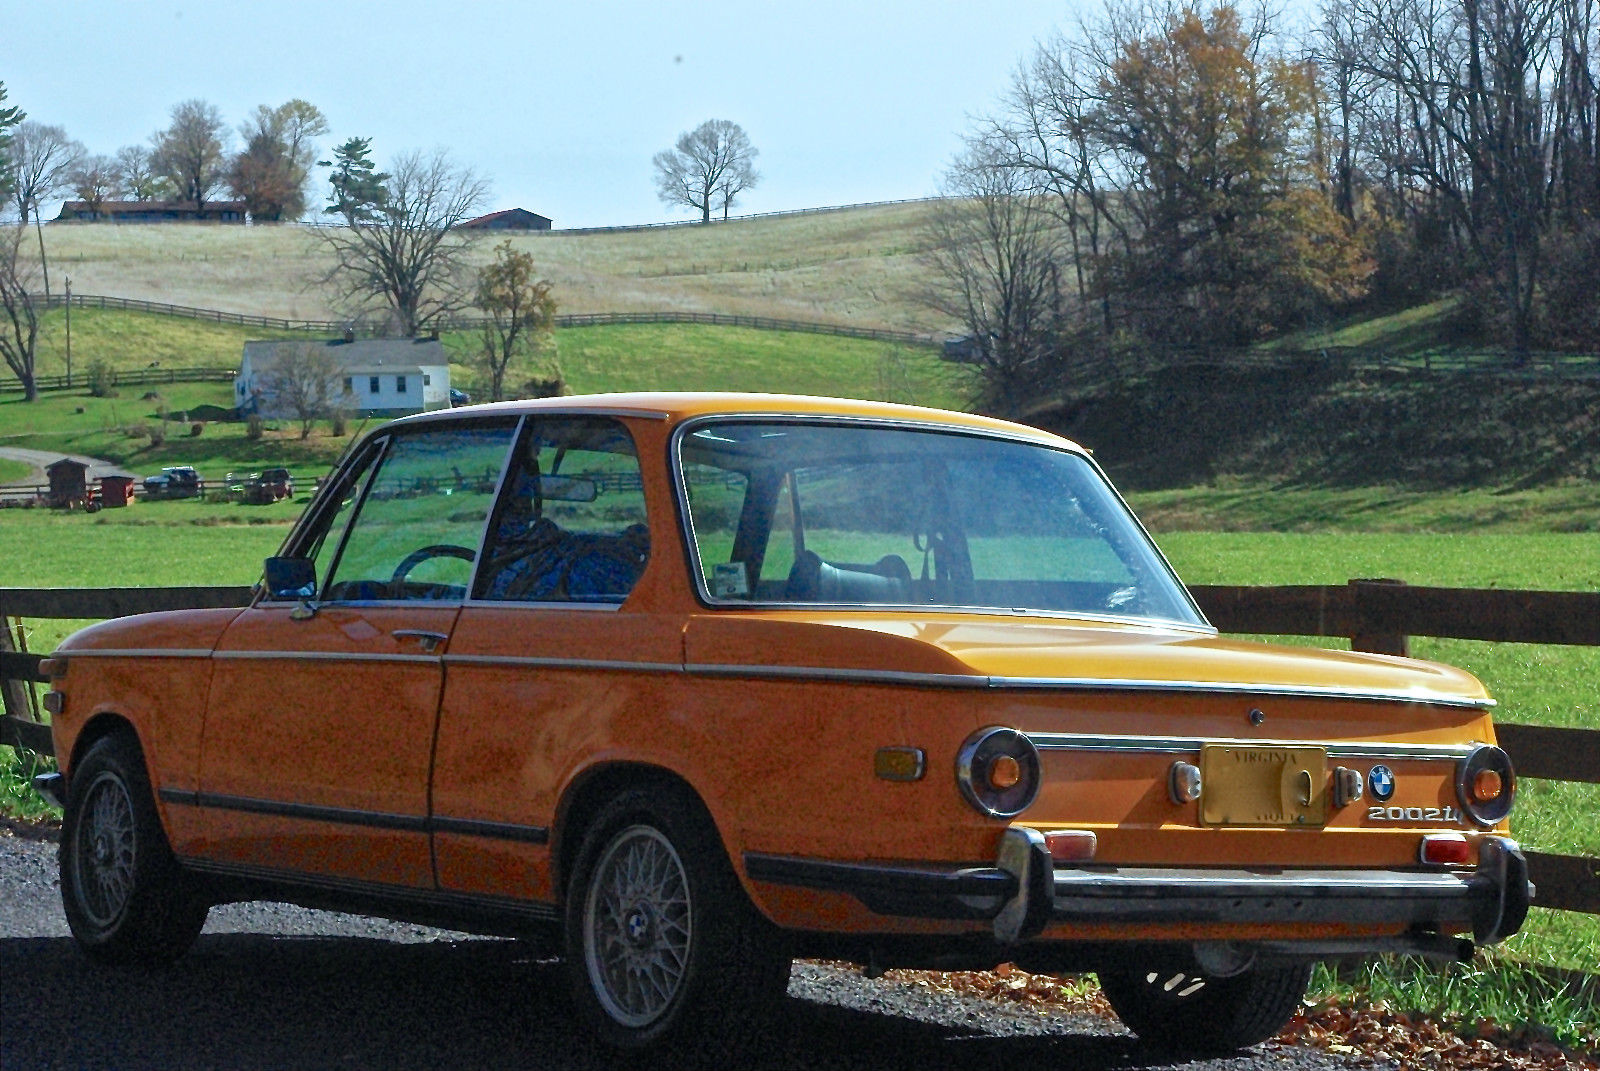 1972 Bmw 2002tii Colorado Orange In Great Condition